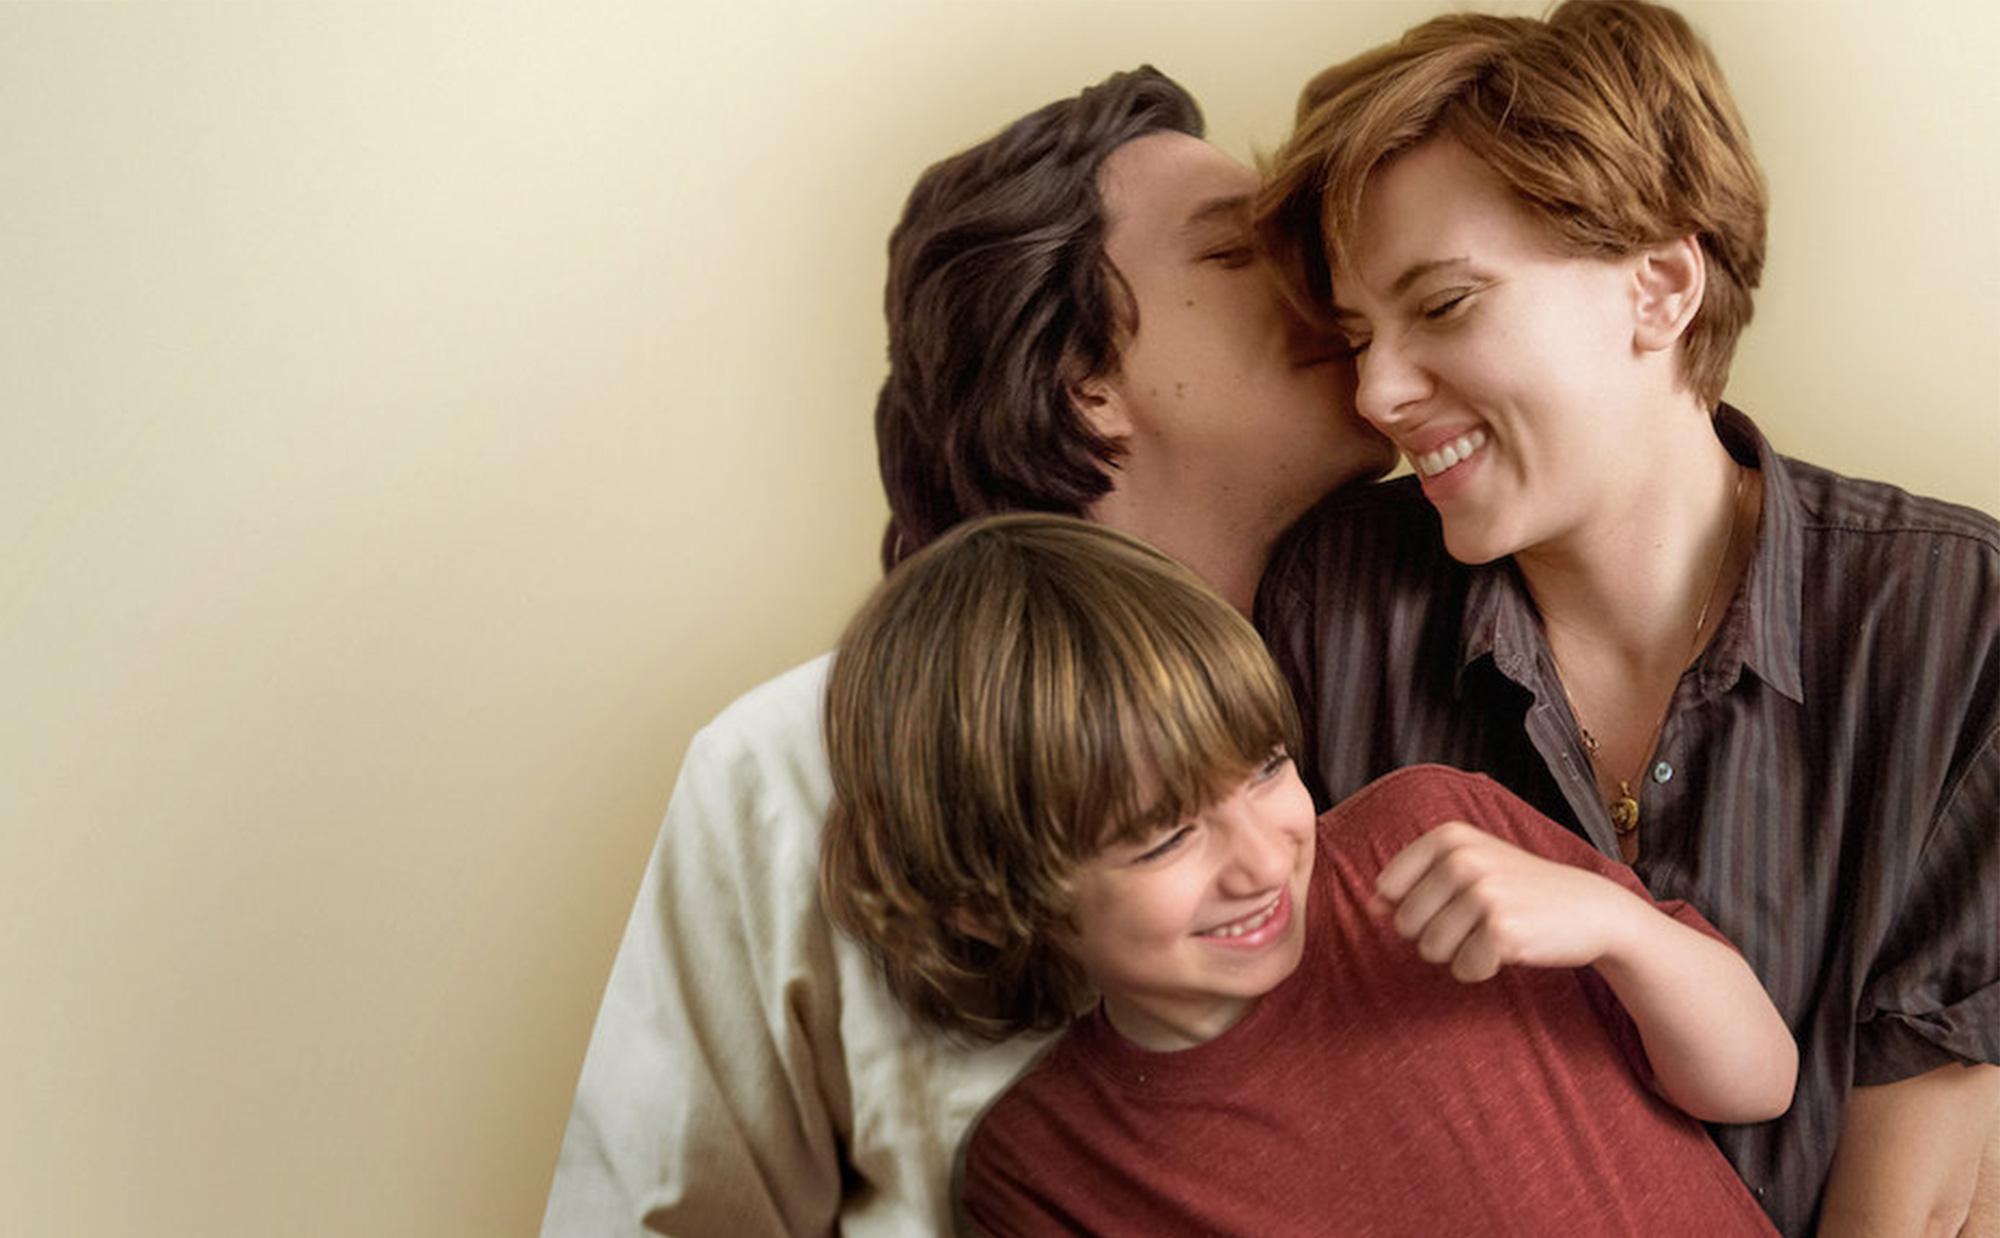 Trước 30 tuổi trang bị 5 bộ phim này nếu có ý định kết hôn: Tỉnh táo vì nạn ngoại tình, bạn đời là biến thái sát nhân đều có đủ! - Ảnh 1.